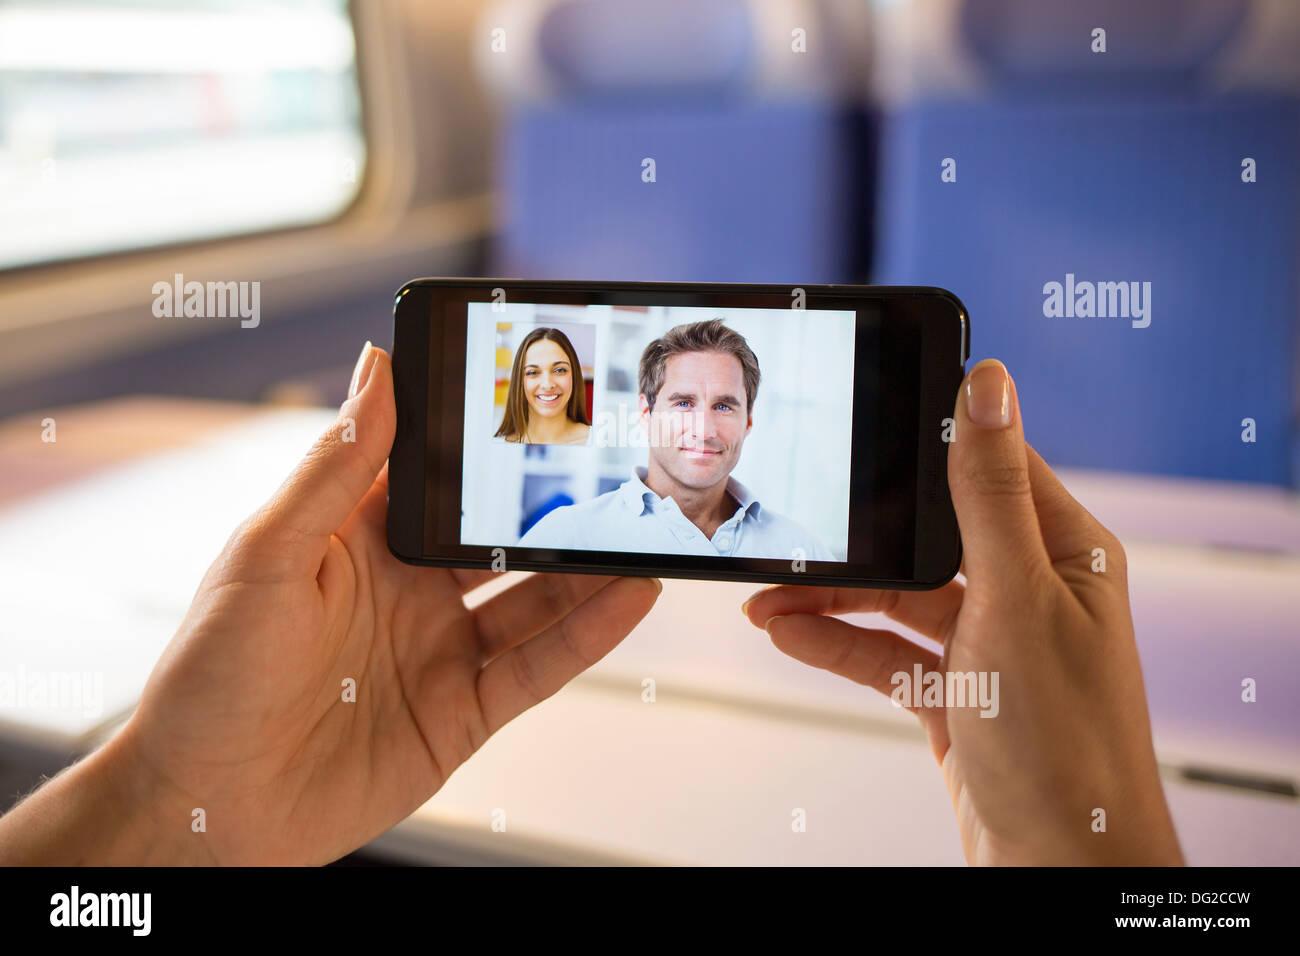 La donna in treno in chat sul suo telefono cellulare. Video conferenza Immagini Stock